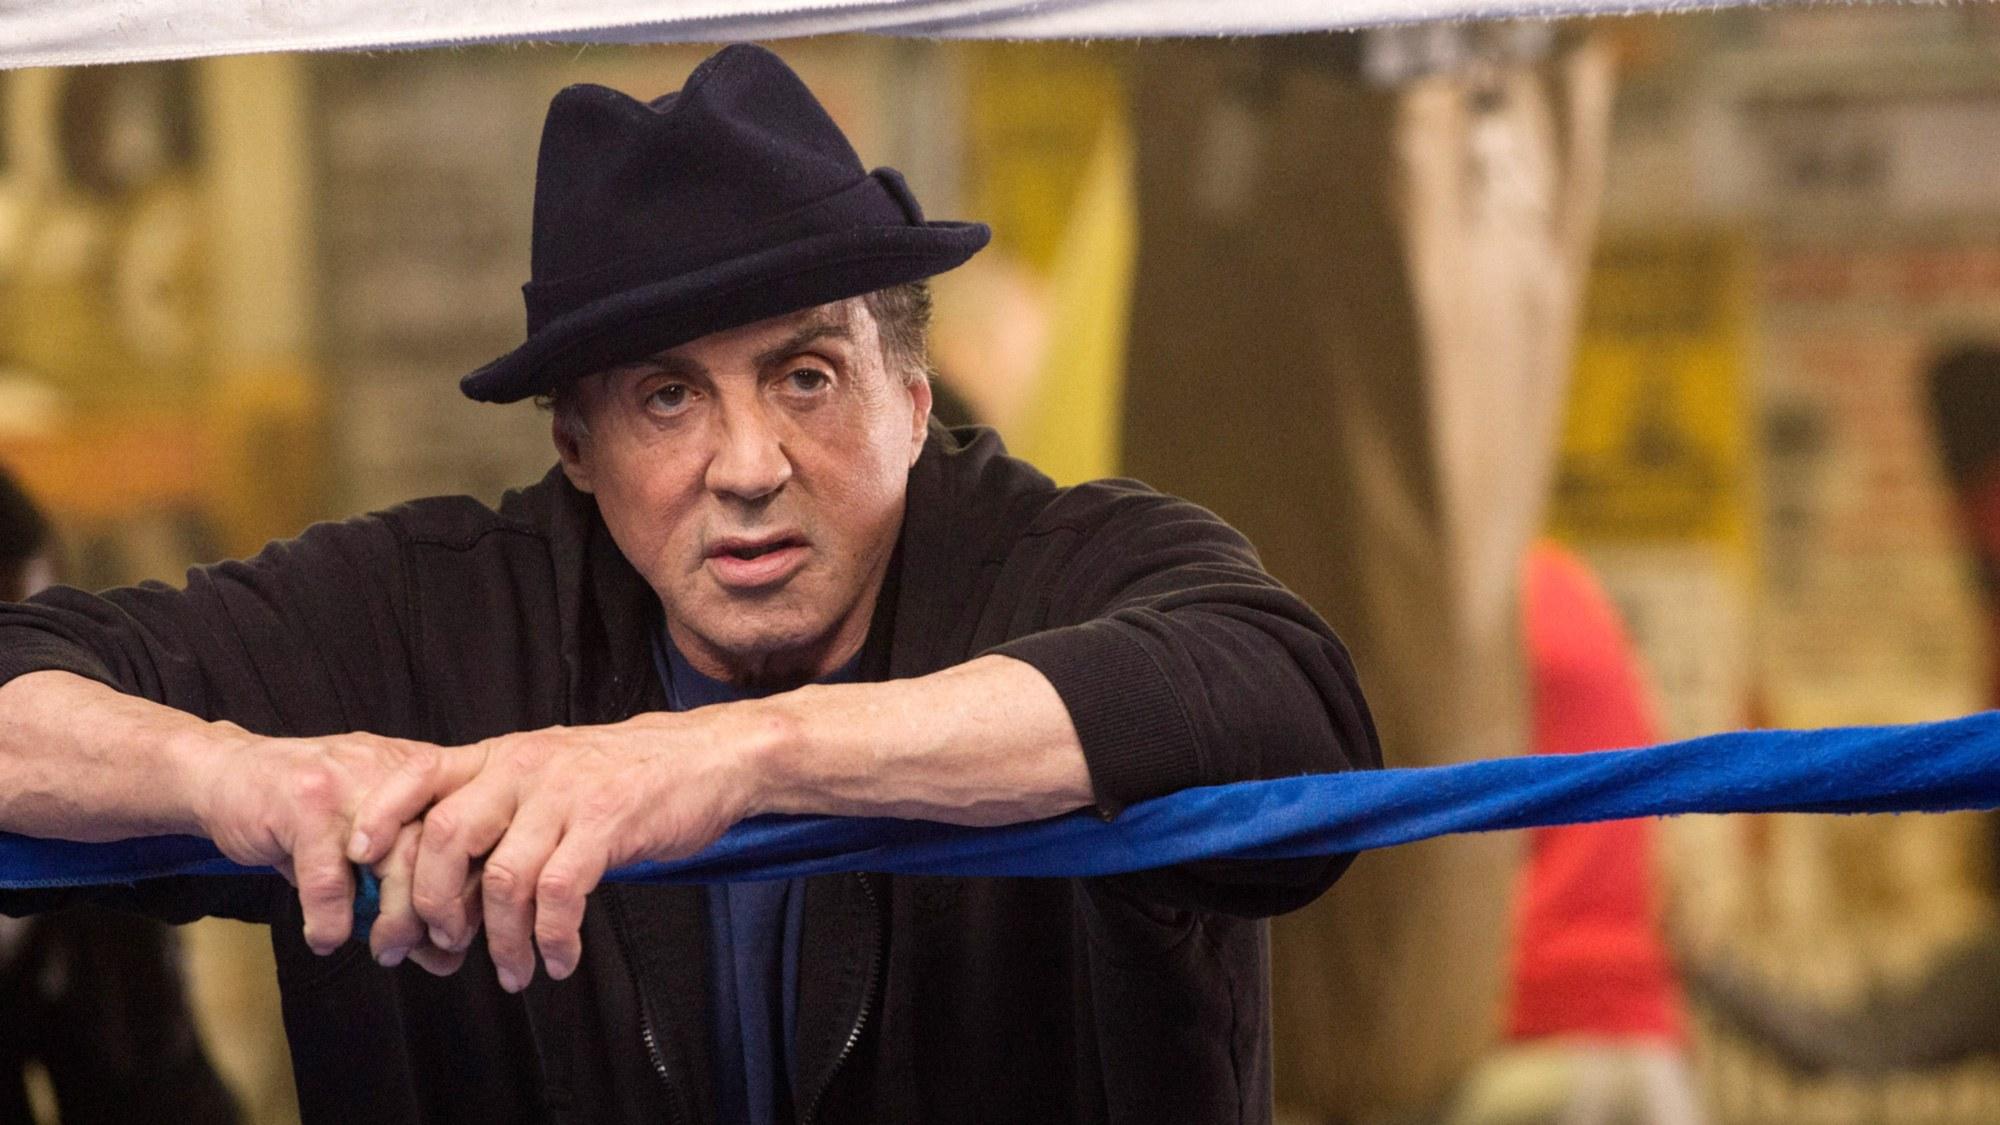 Sylvester Stallone, Creed 2'yi Yönetmek için Geri Dönecek